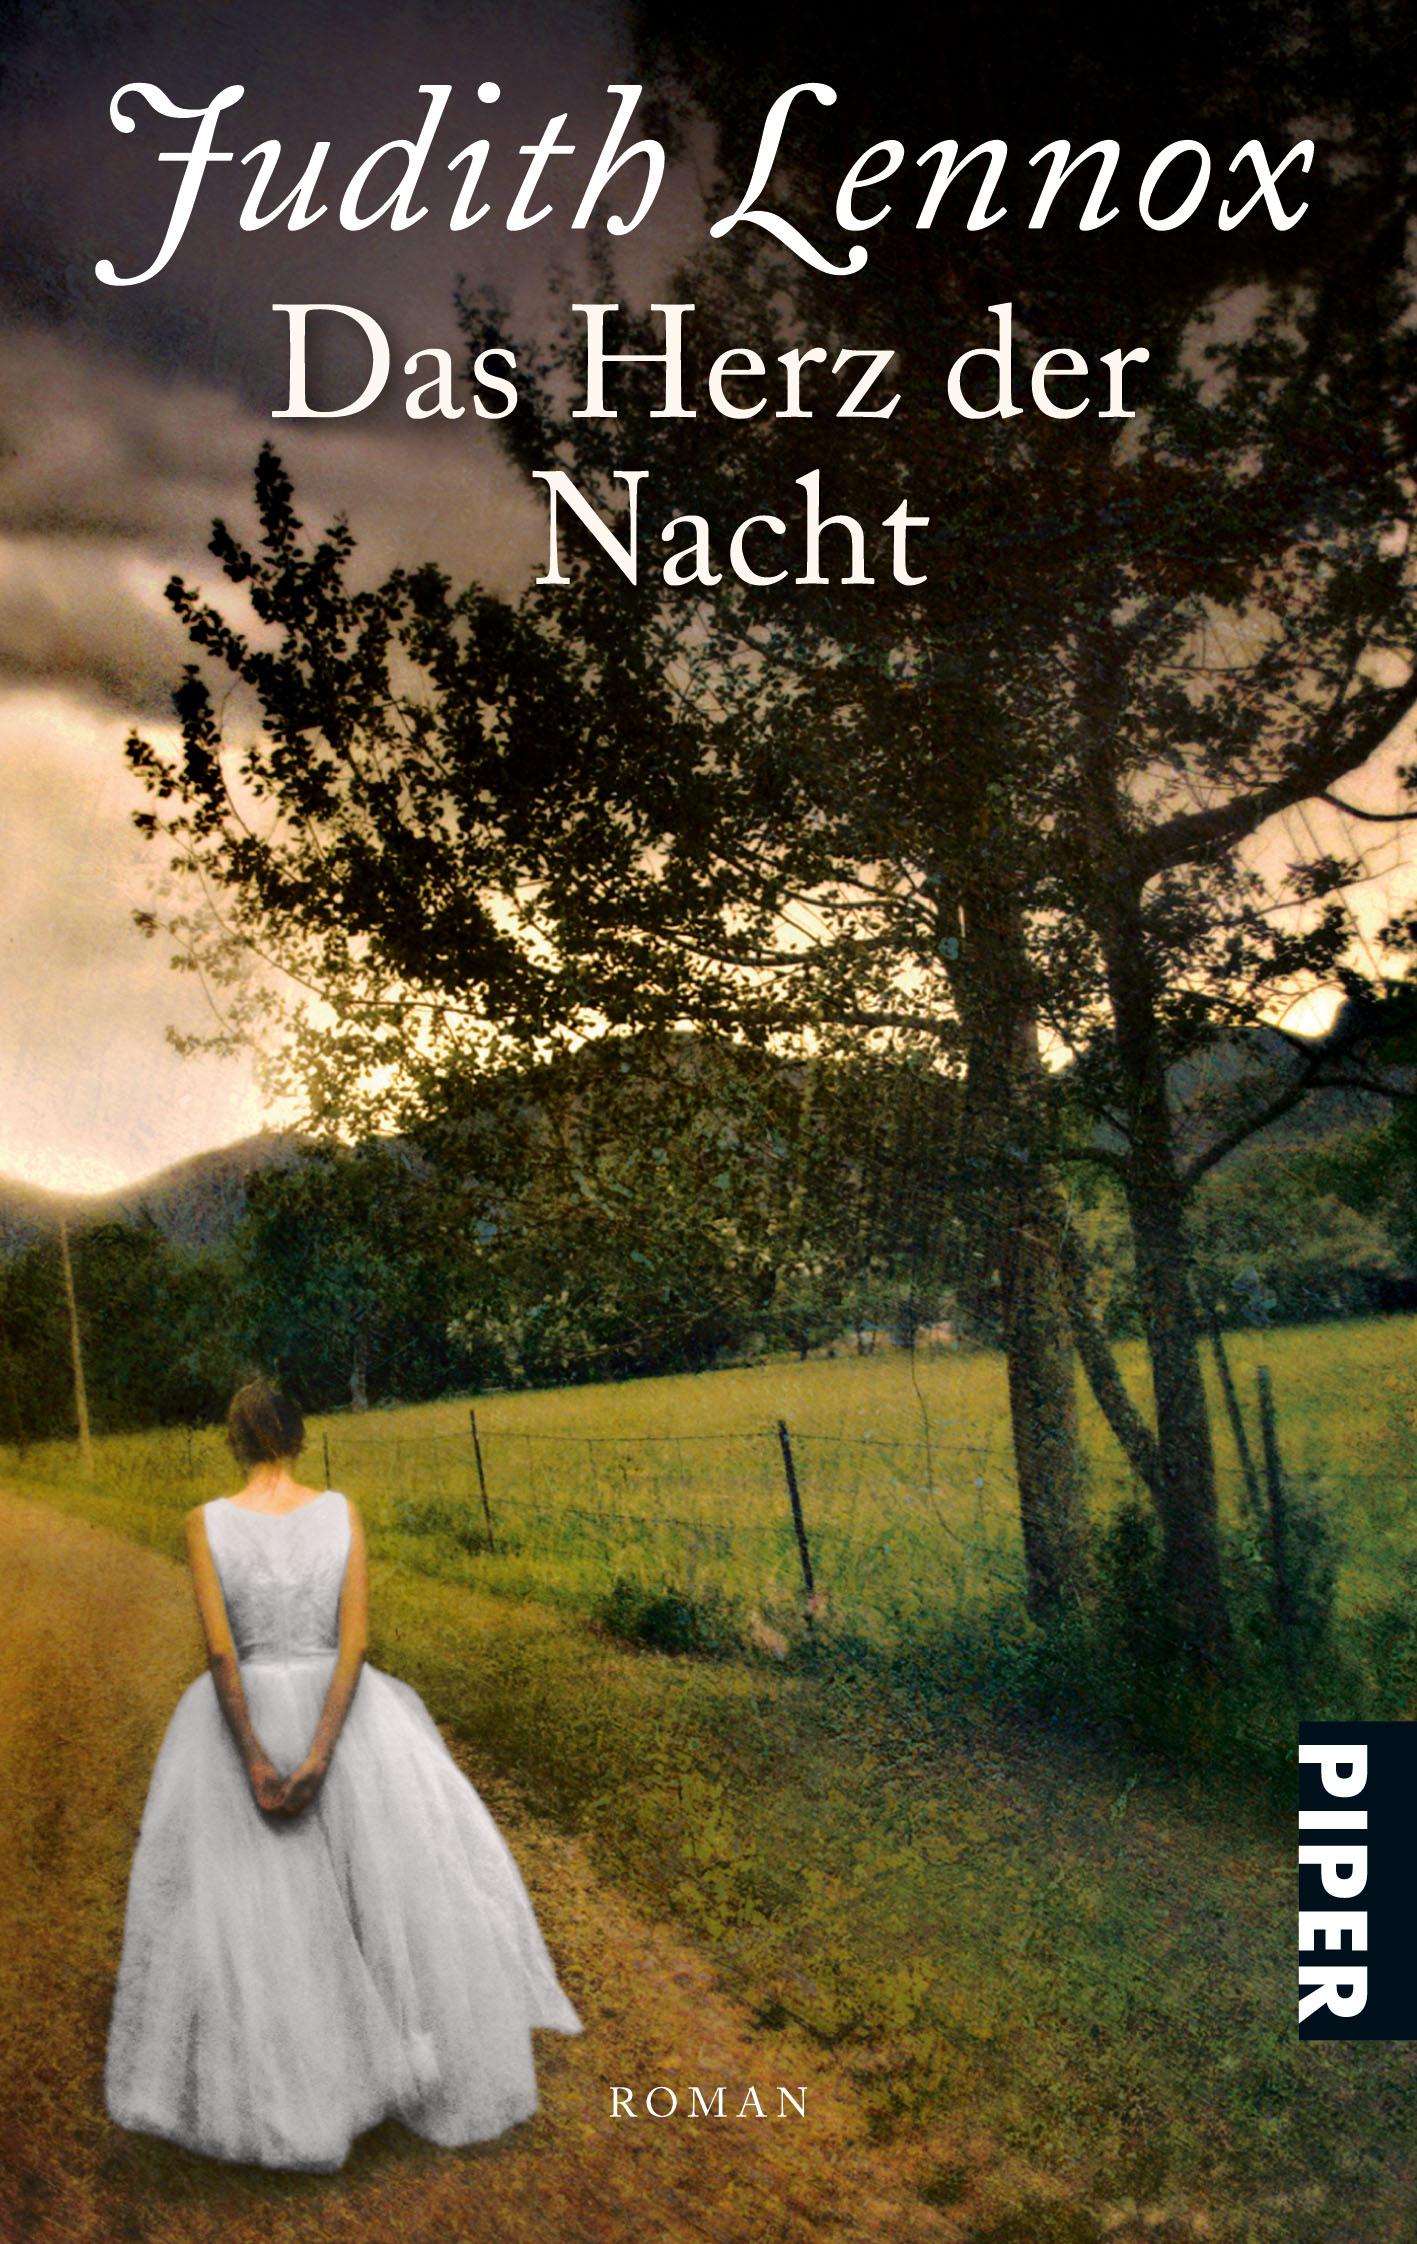 Das Herz der Nacht: Roman - Judith Lennox